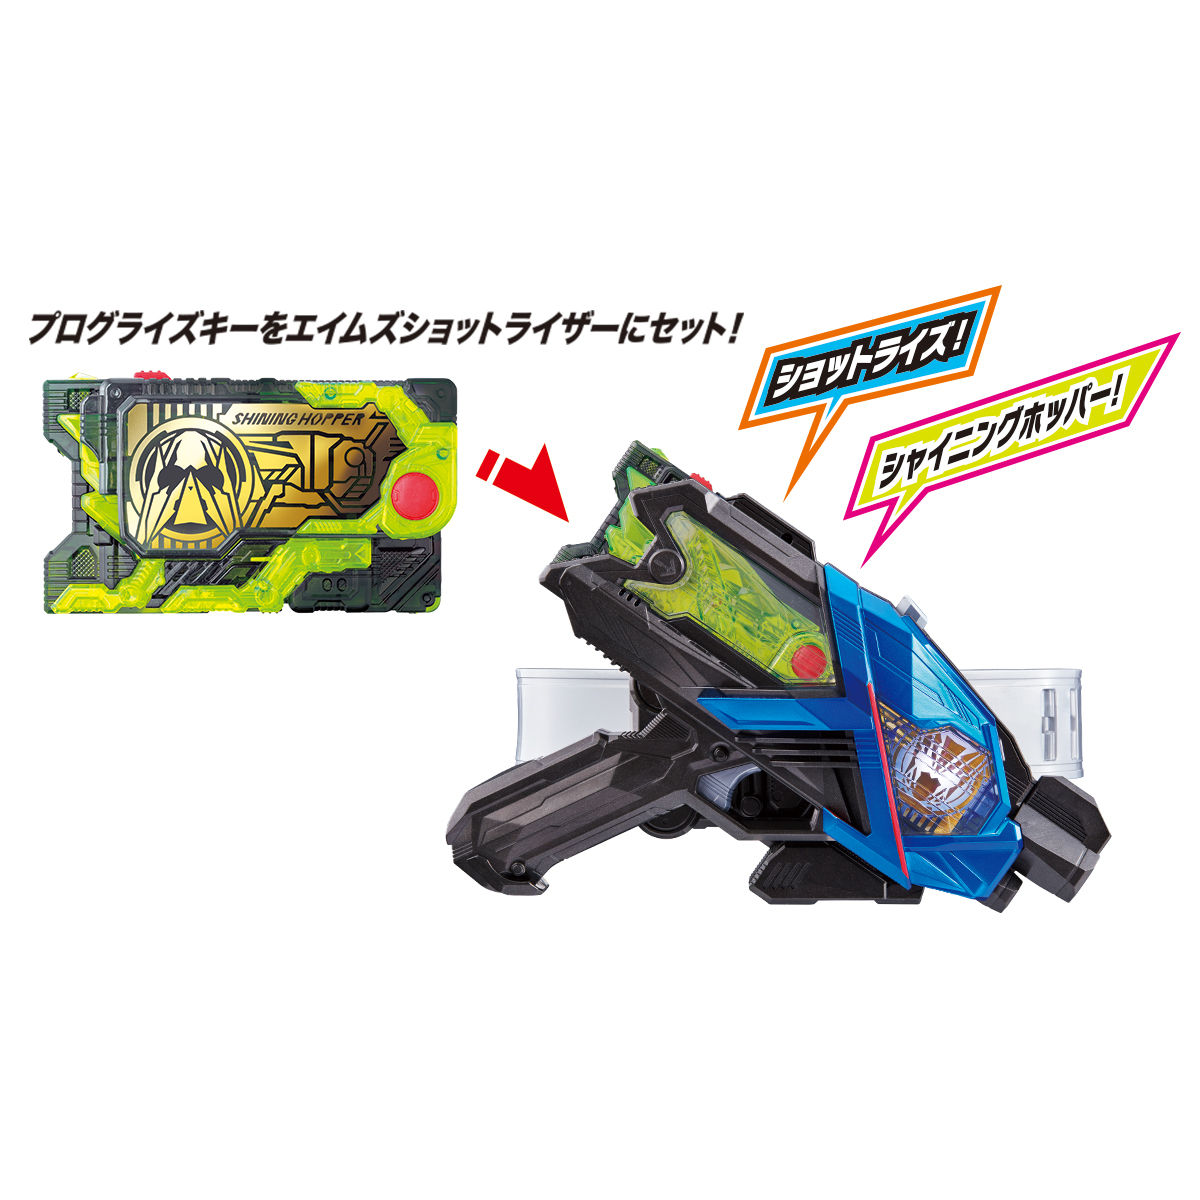 仮面ライダーゼロワン『DXシャイニングホッパープログライズキー』変身なりきり-004